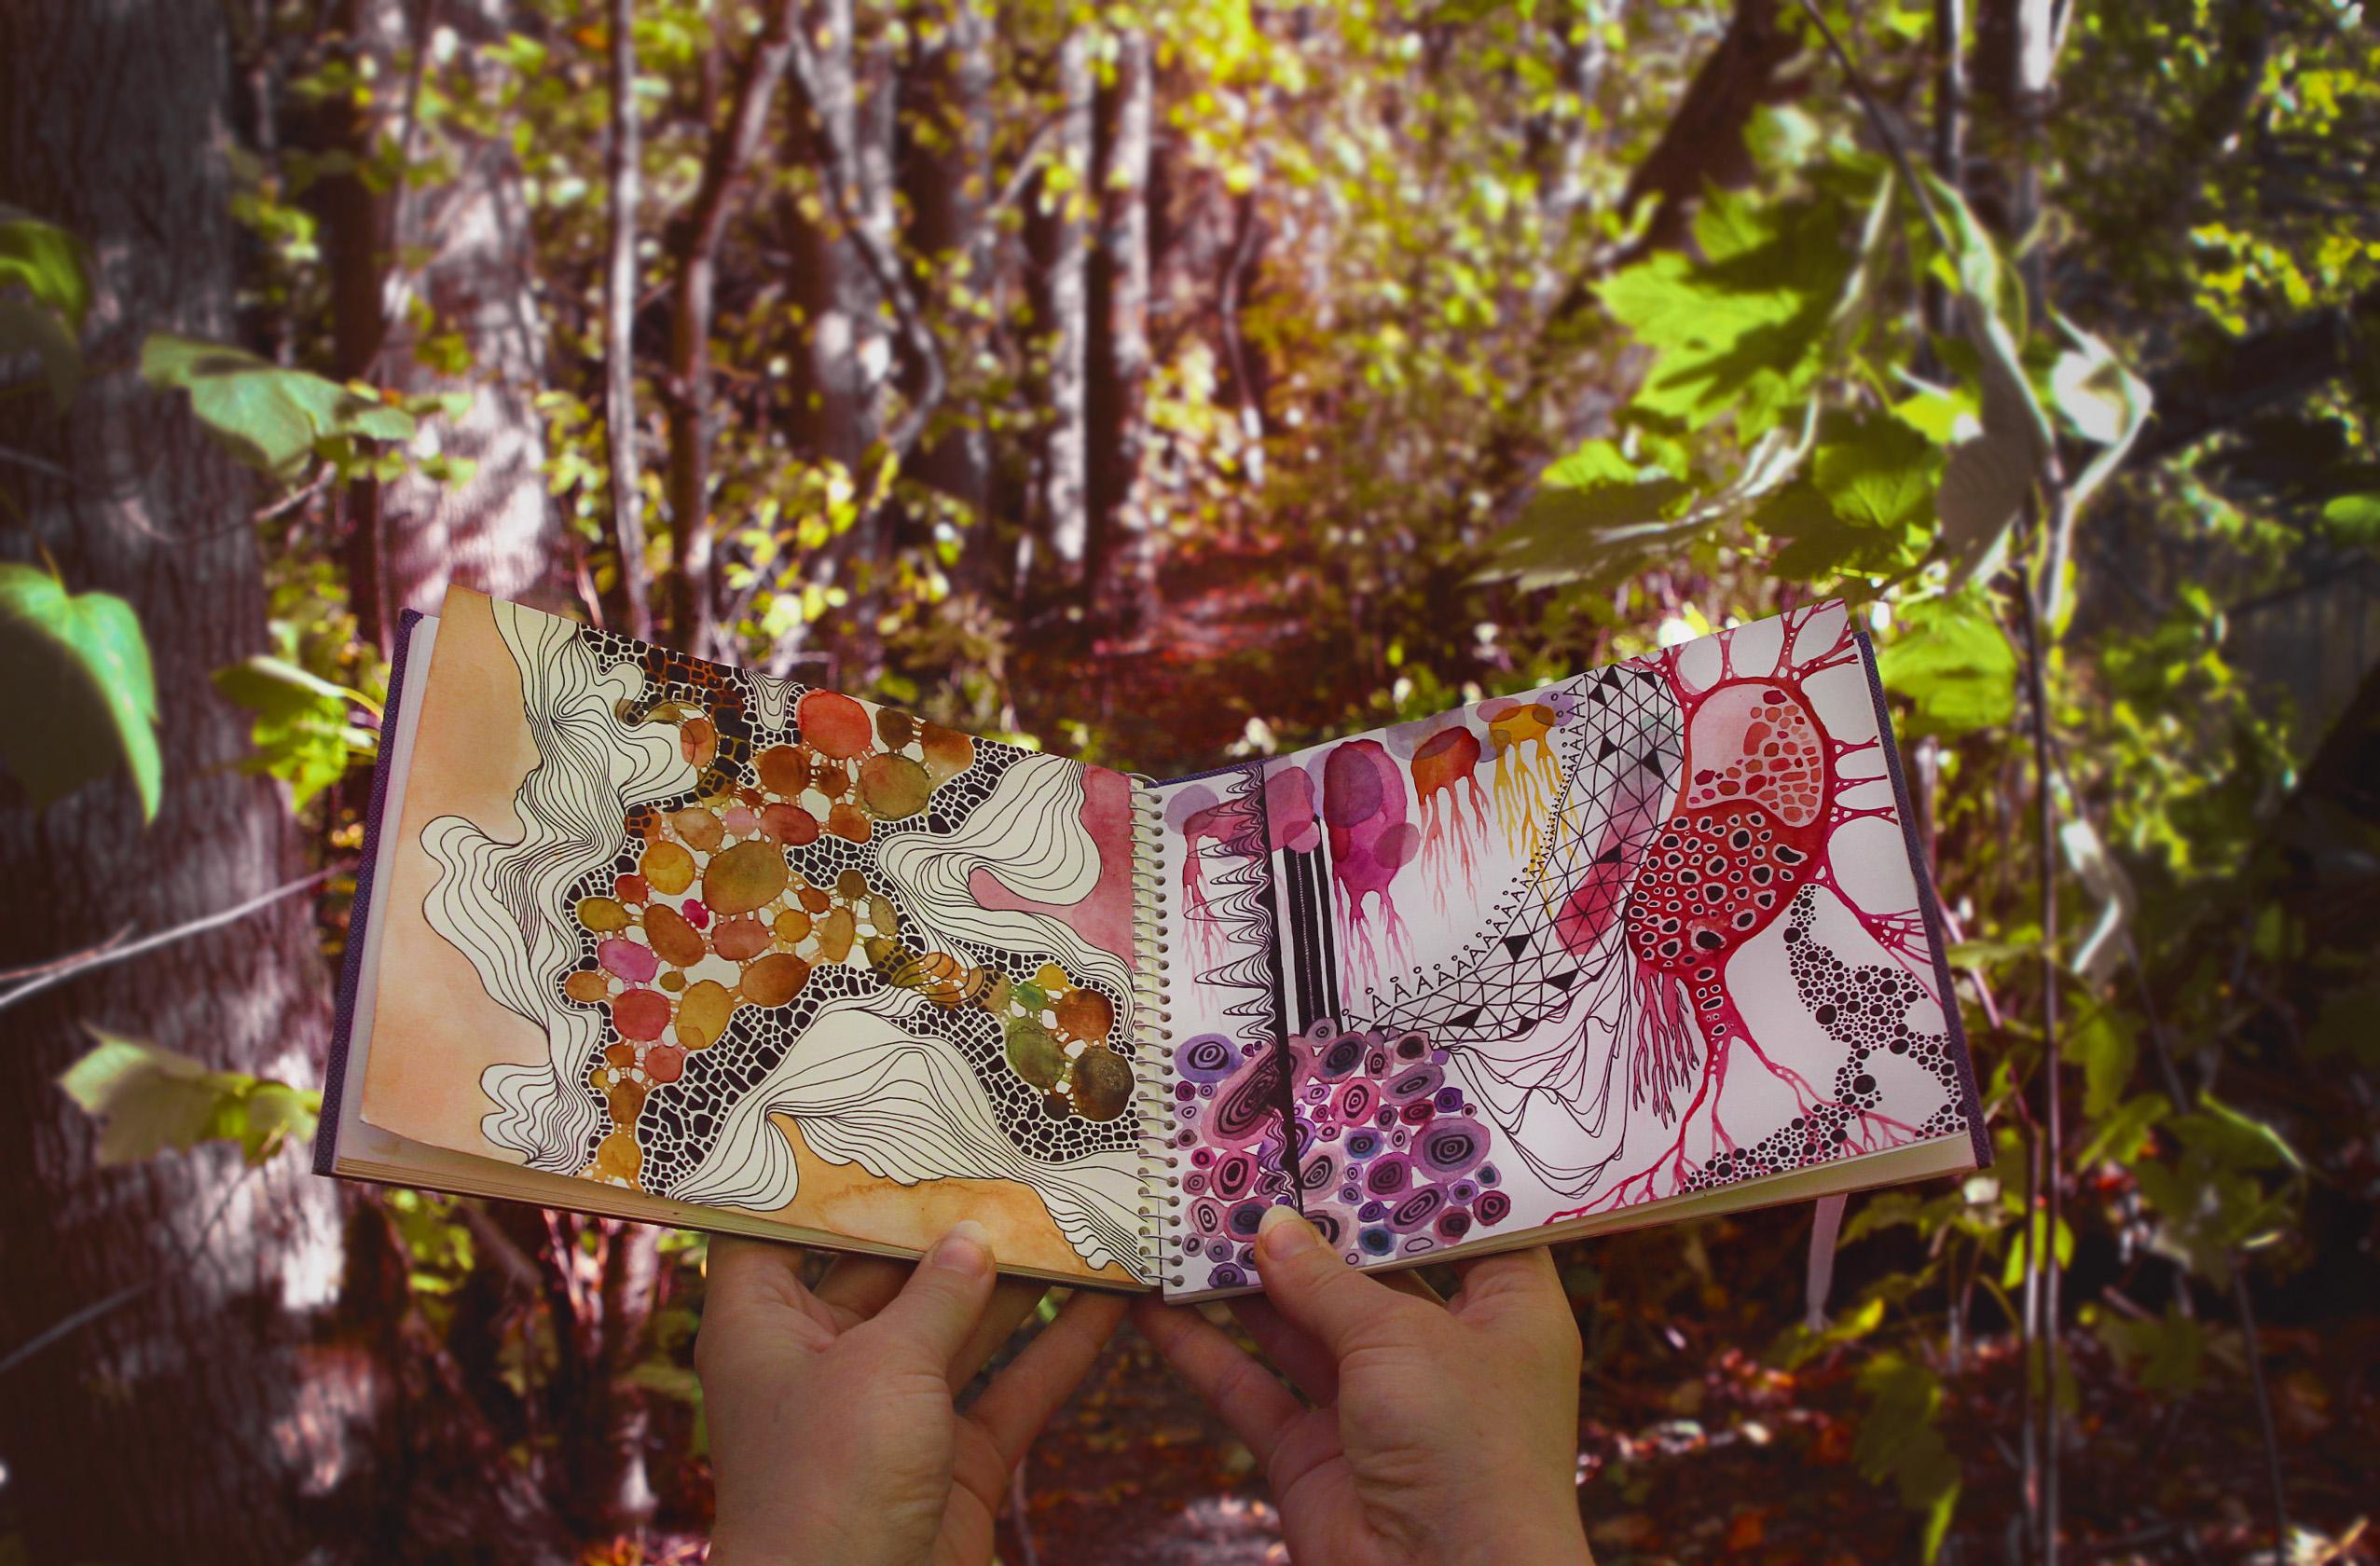 Inspirasjon i skogen